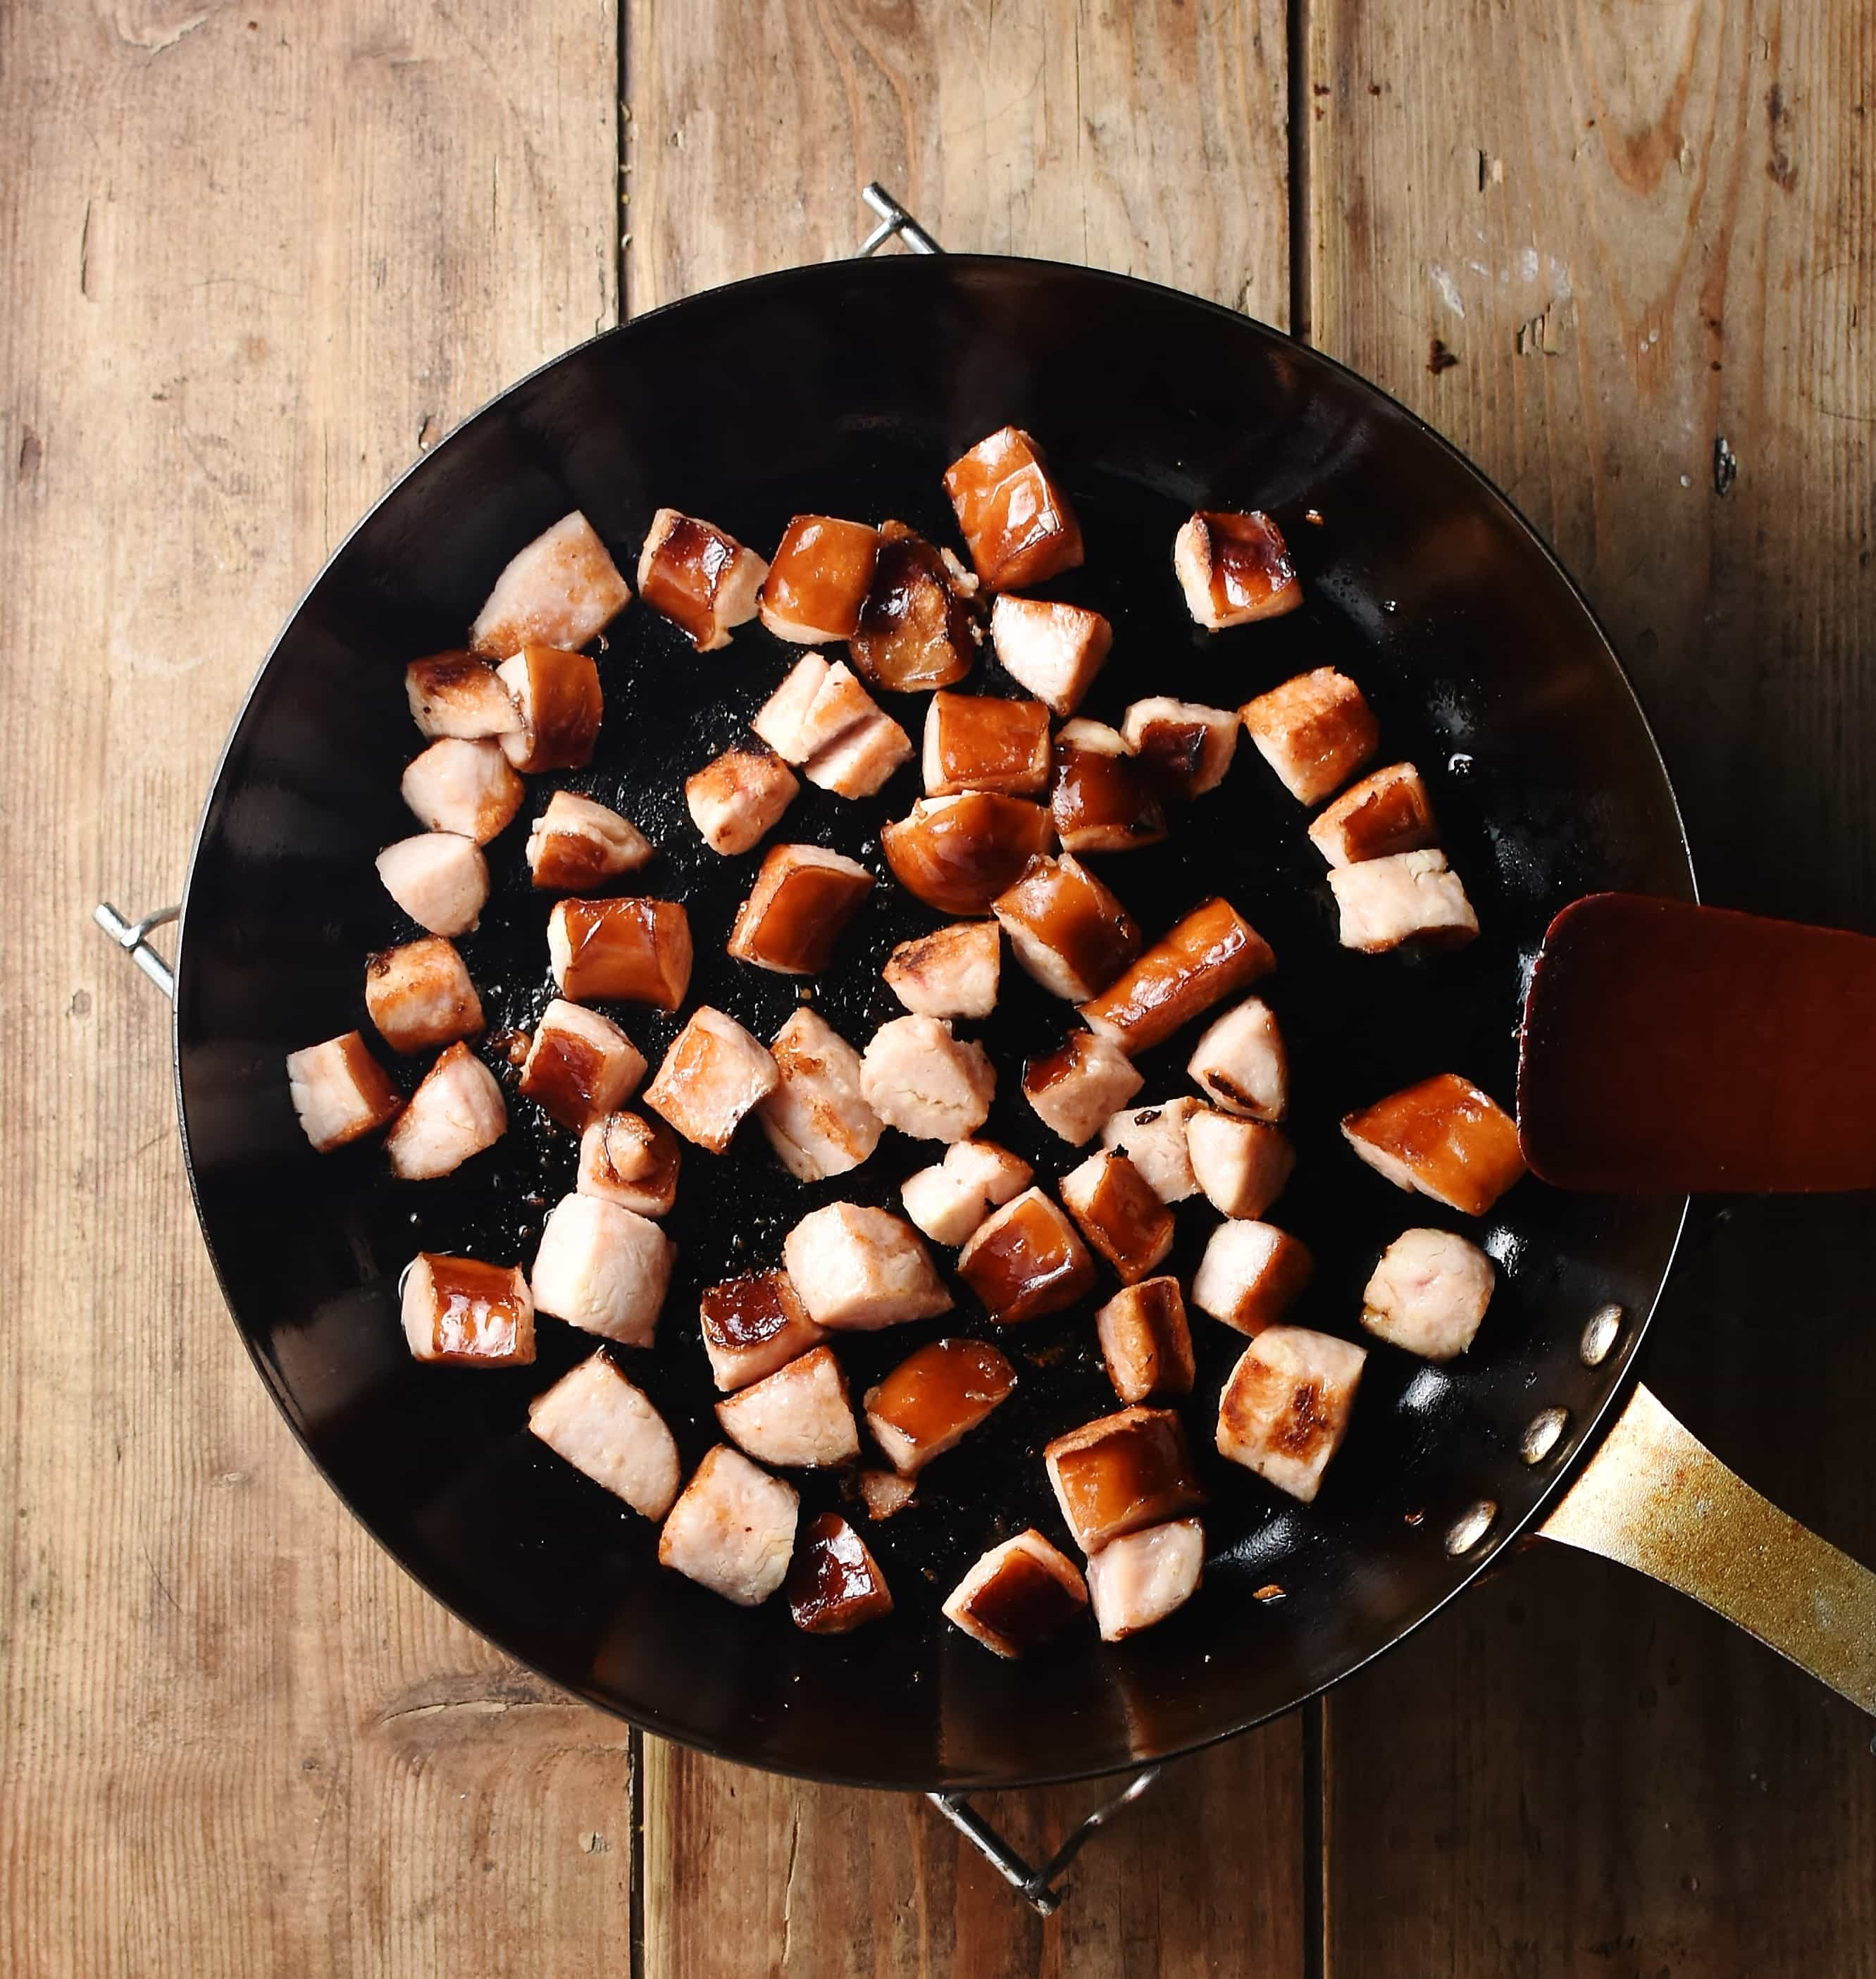 Chopped sausage frying in large pan.